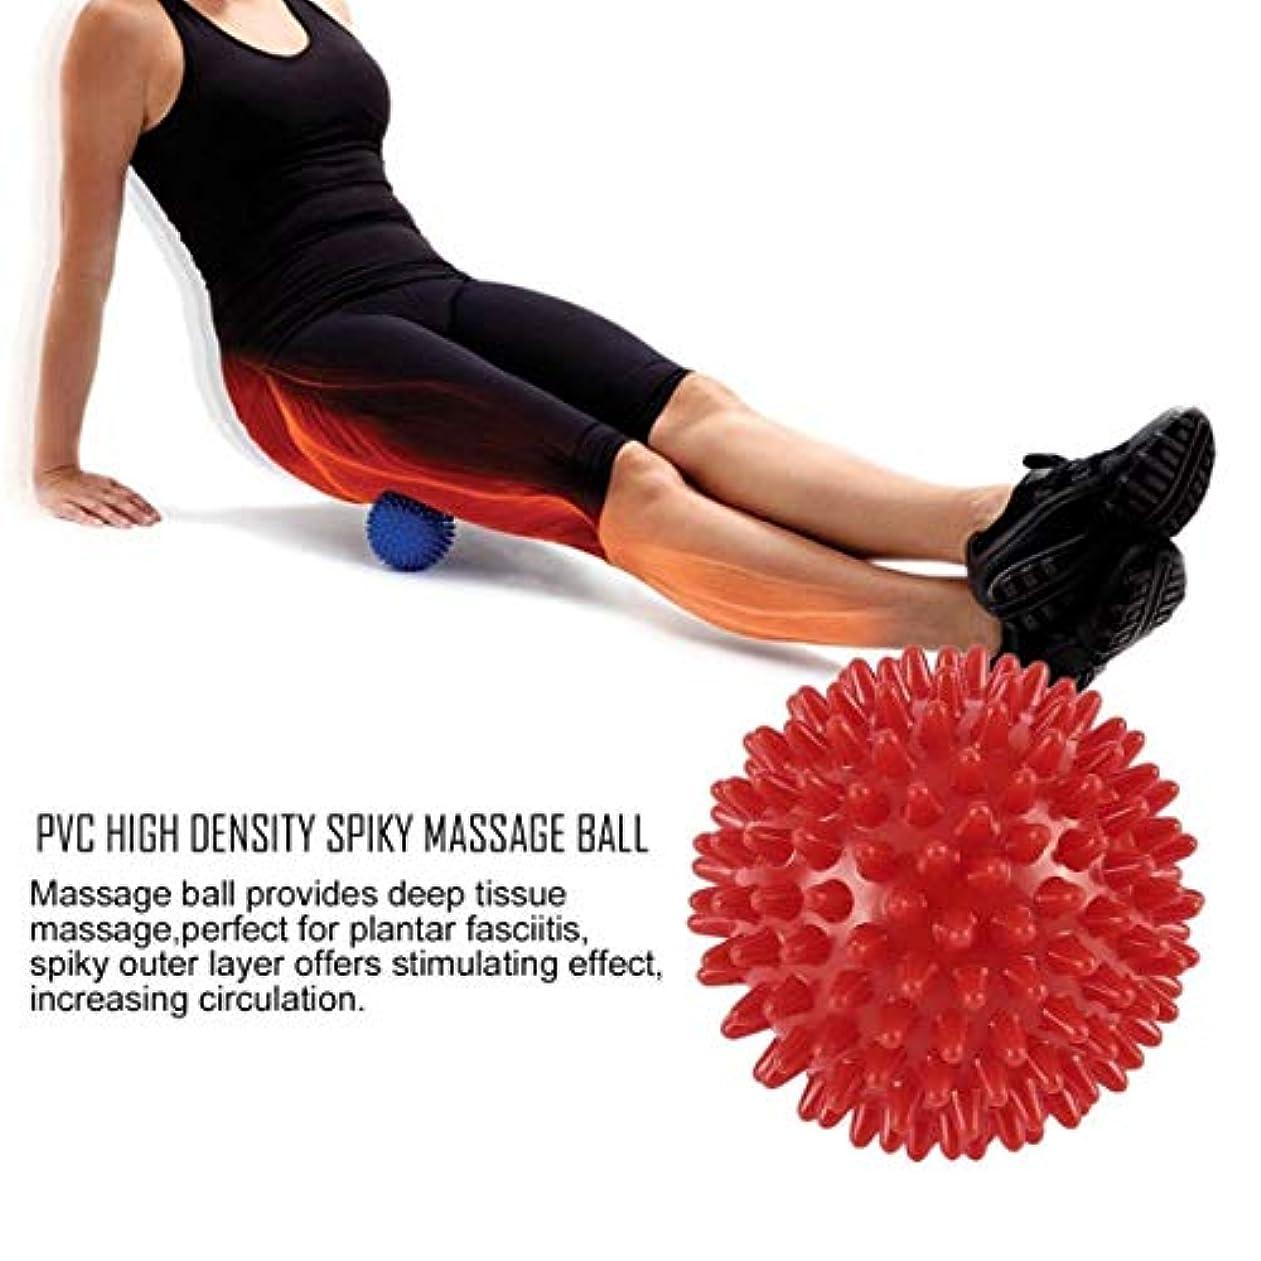 に付ける活力銀行PVC High Density Spiky Massage Ball Foot Pain & Plantar Fasciitis Reliever Treatment Hedgehog Ball Massage Acupressure...